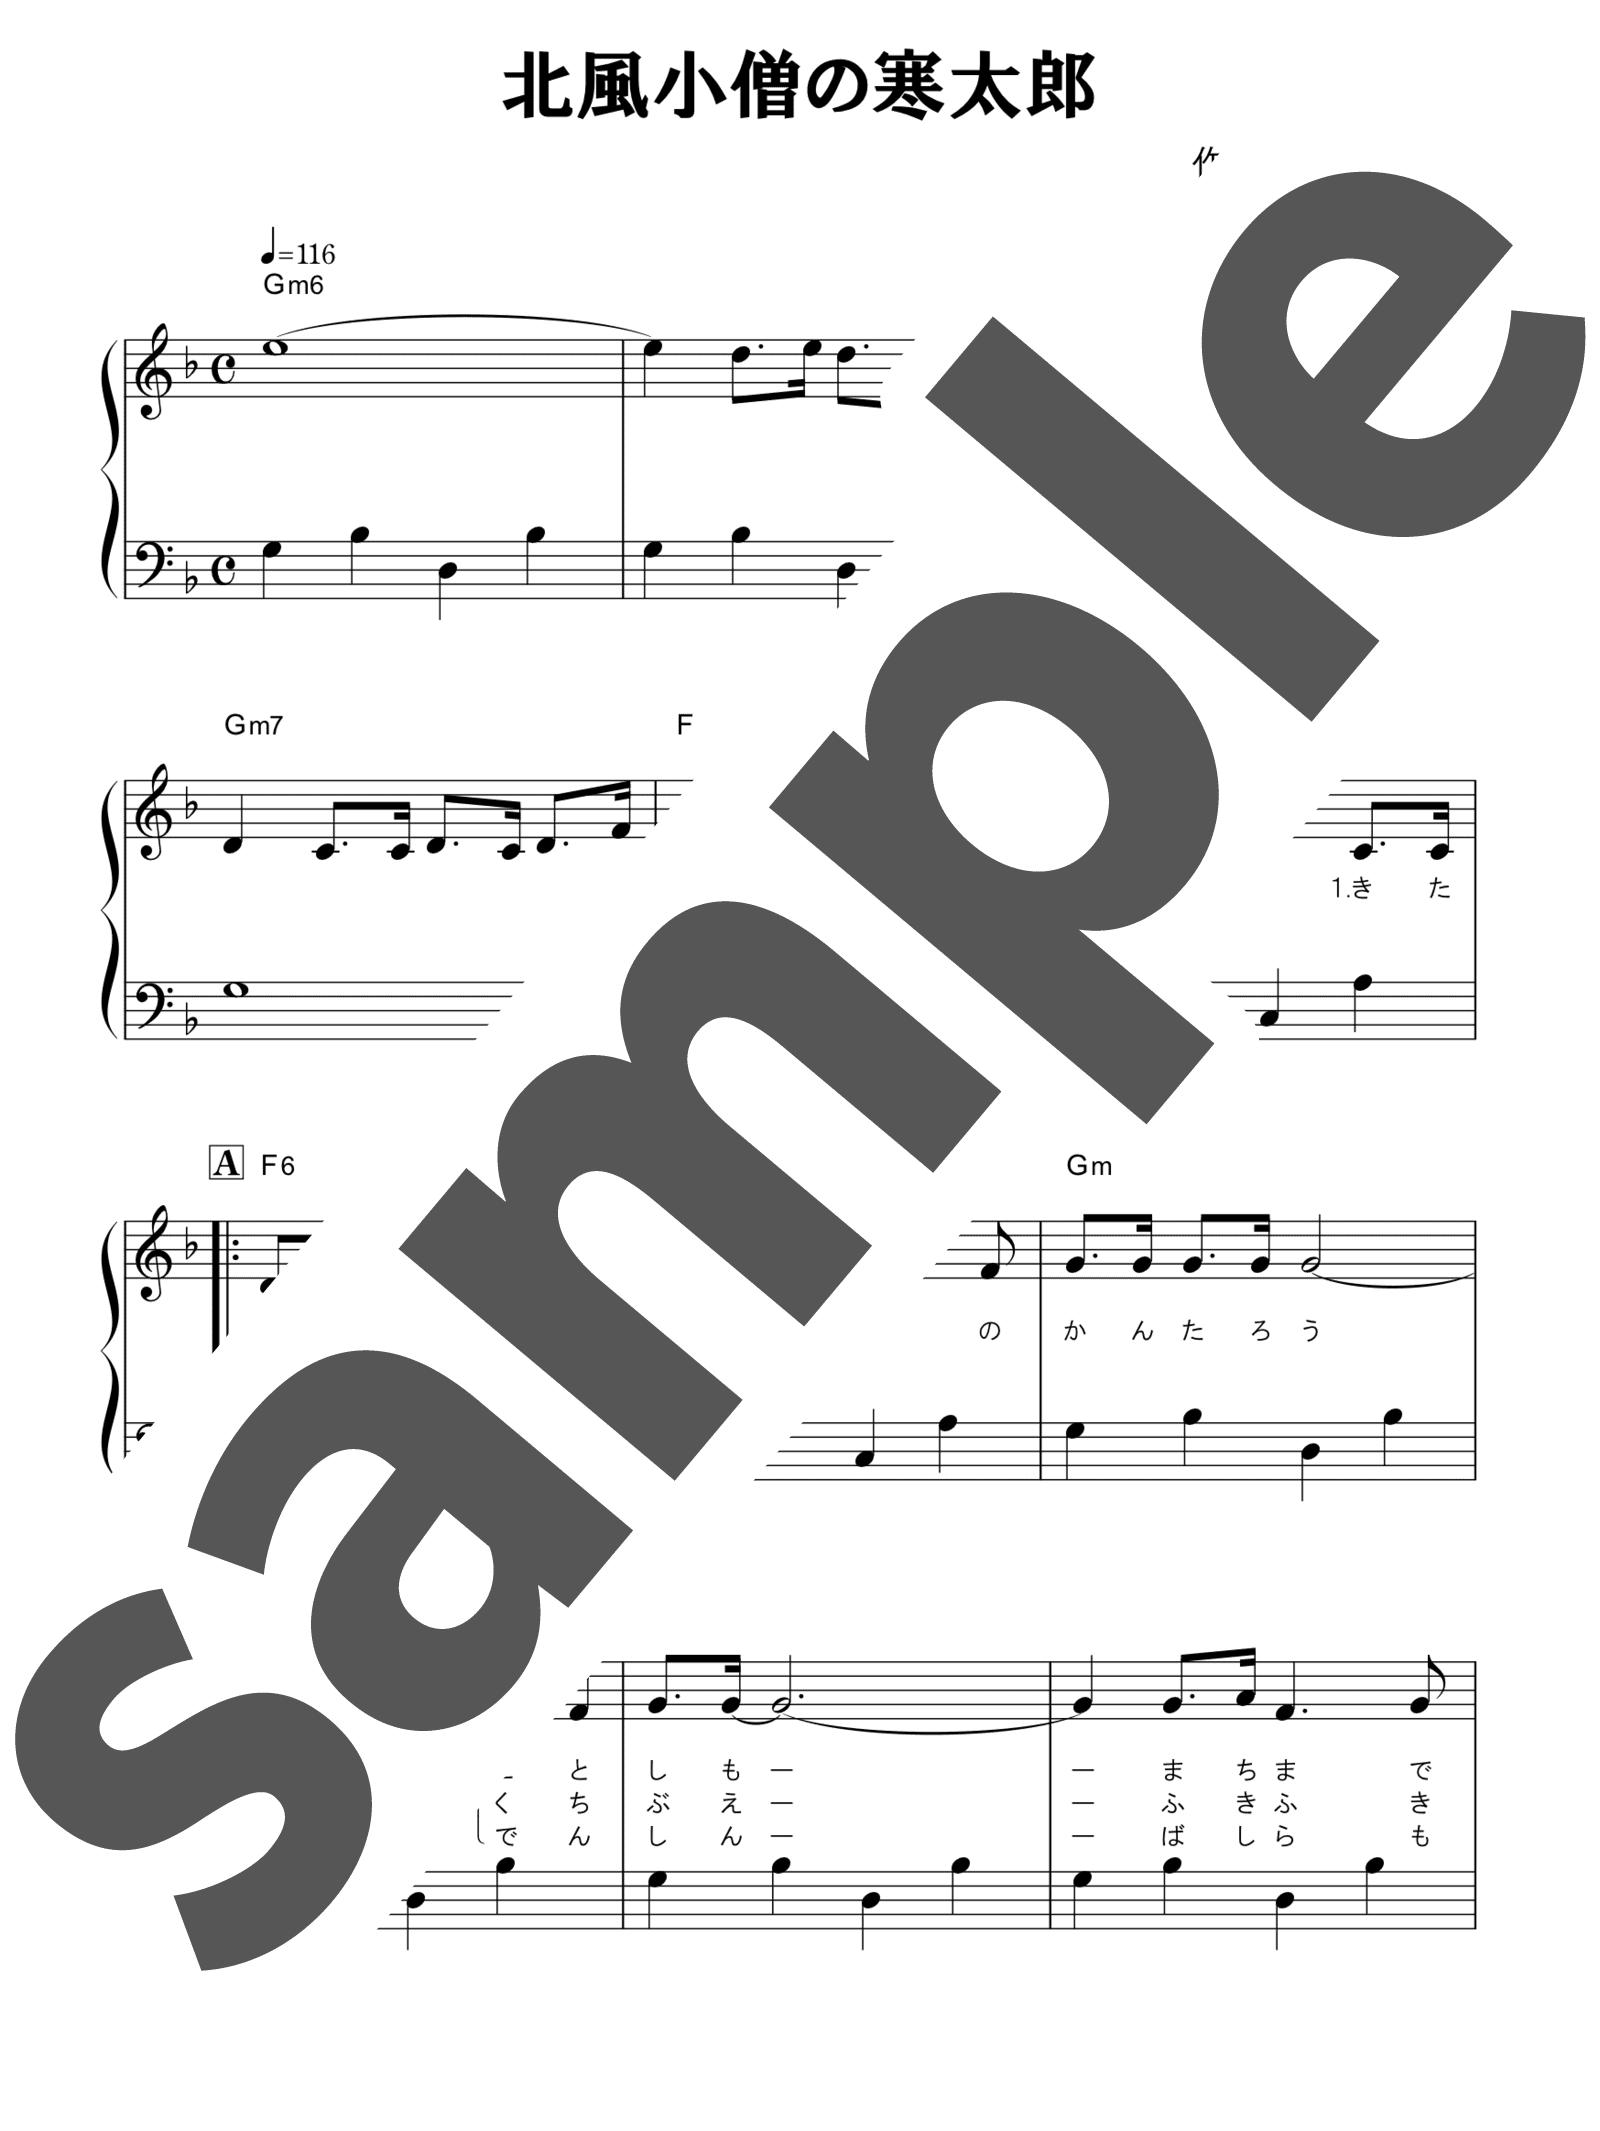 「北風小僧の寒太郎」のサンプル楽譜